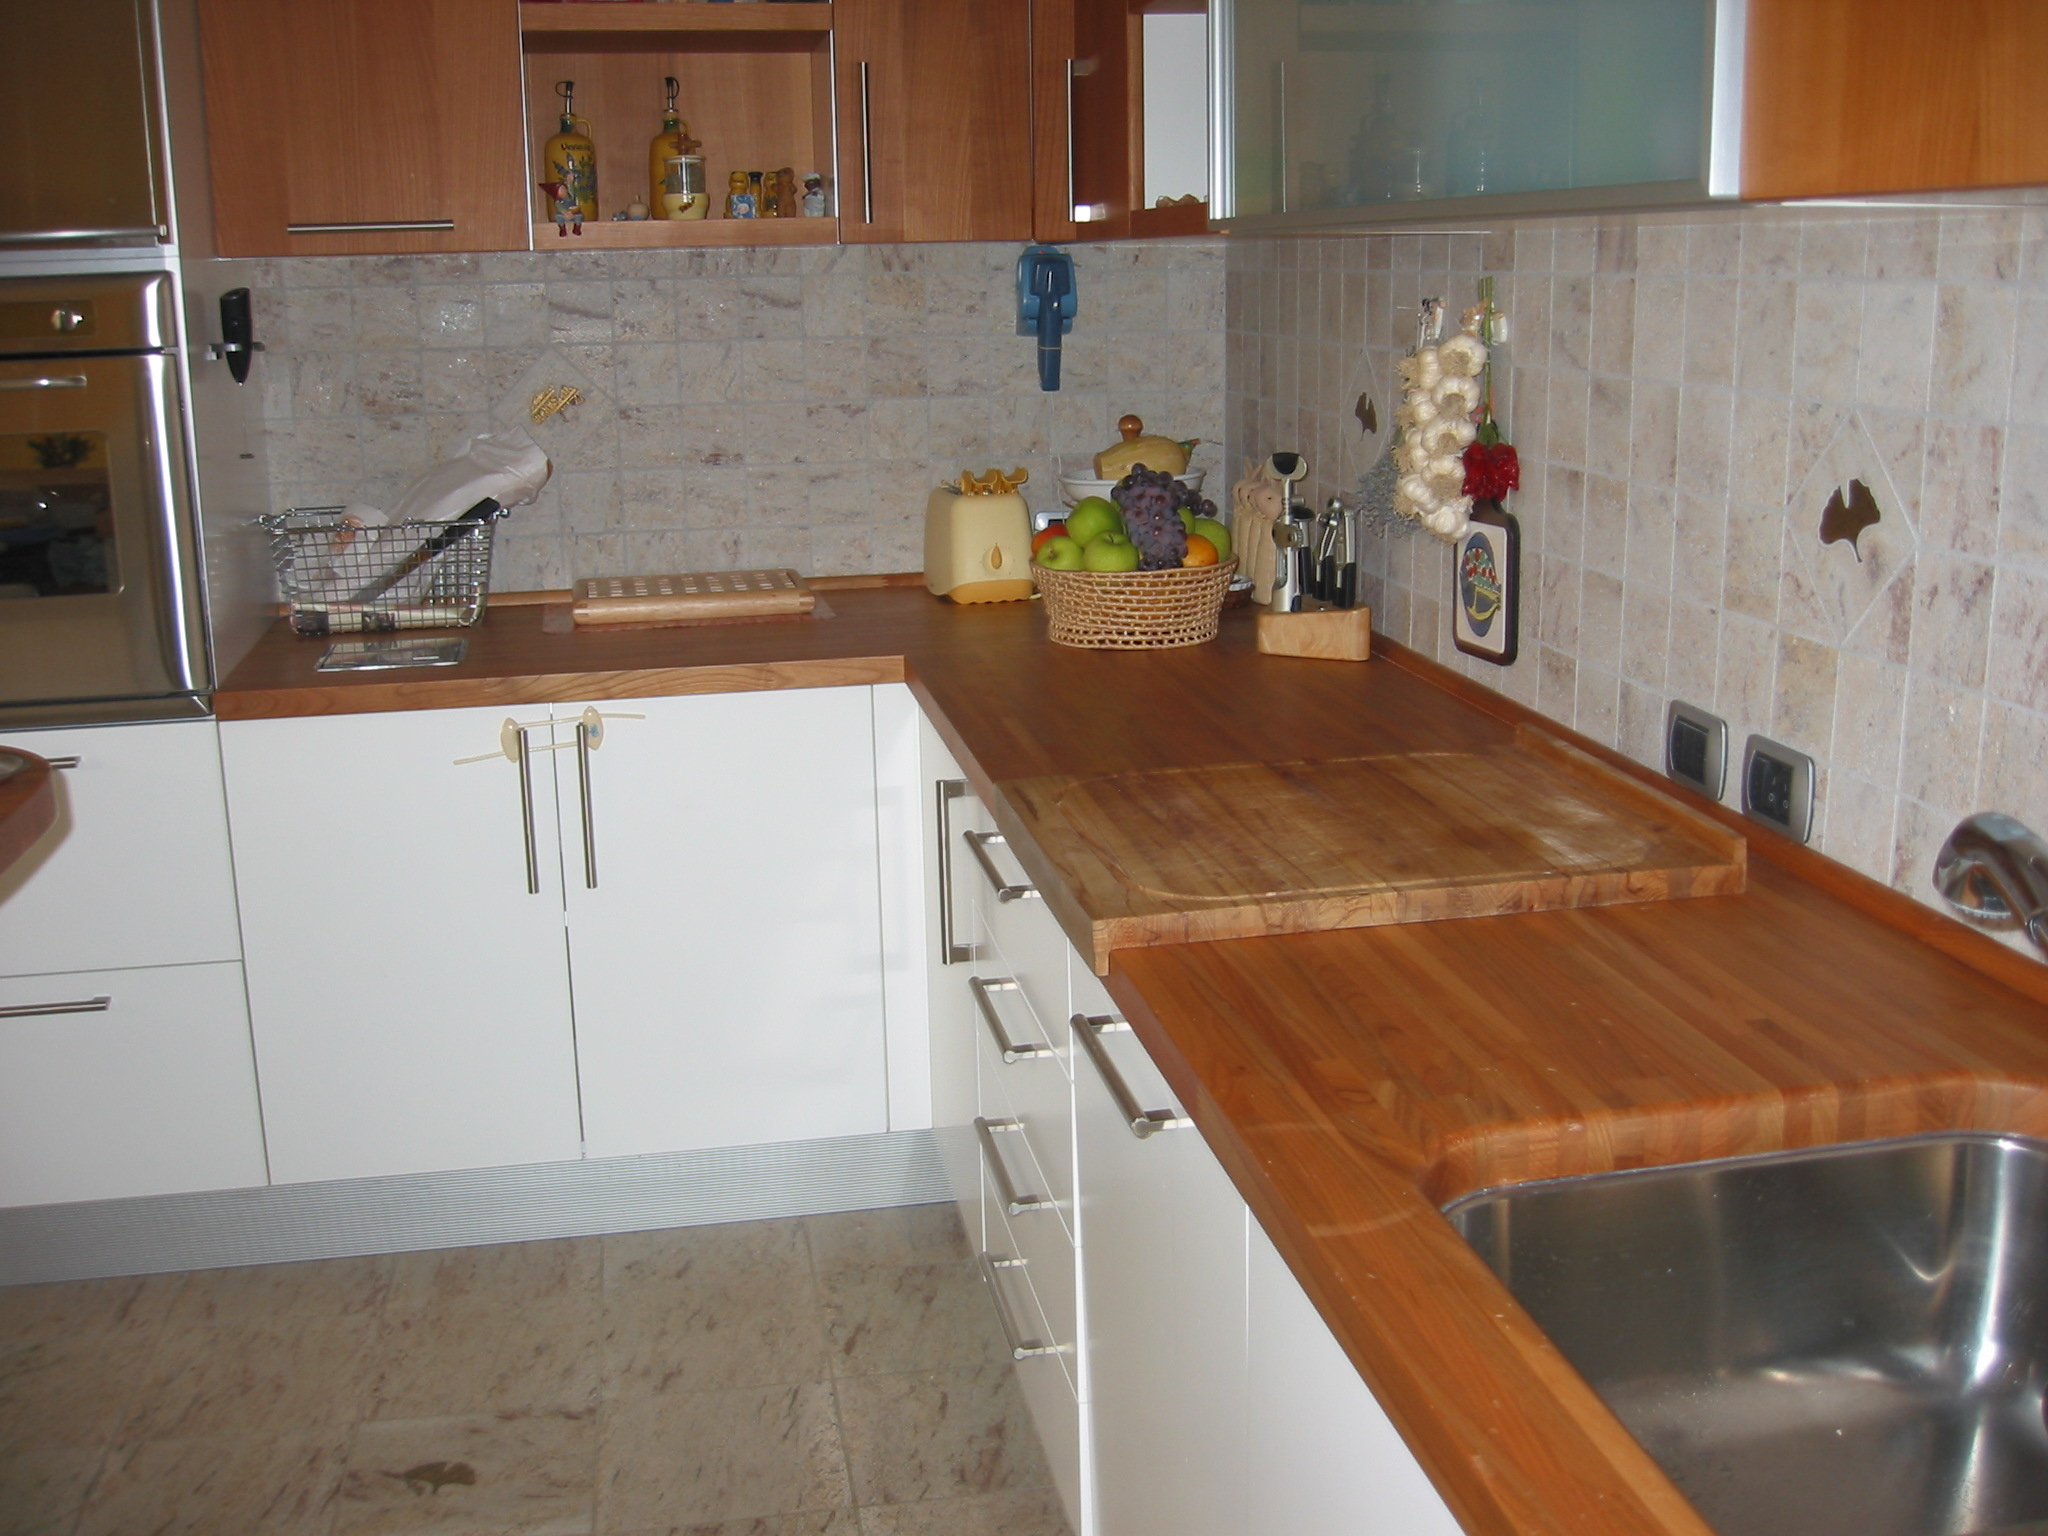 Cucine in granito la paltenghi - Rivestimento cucina no piastrelle ...